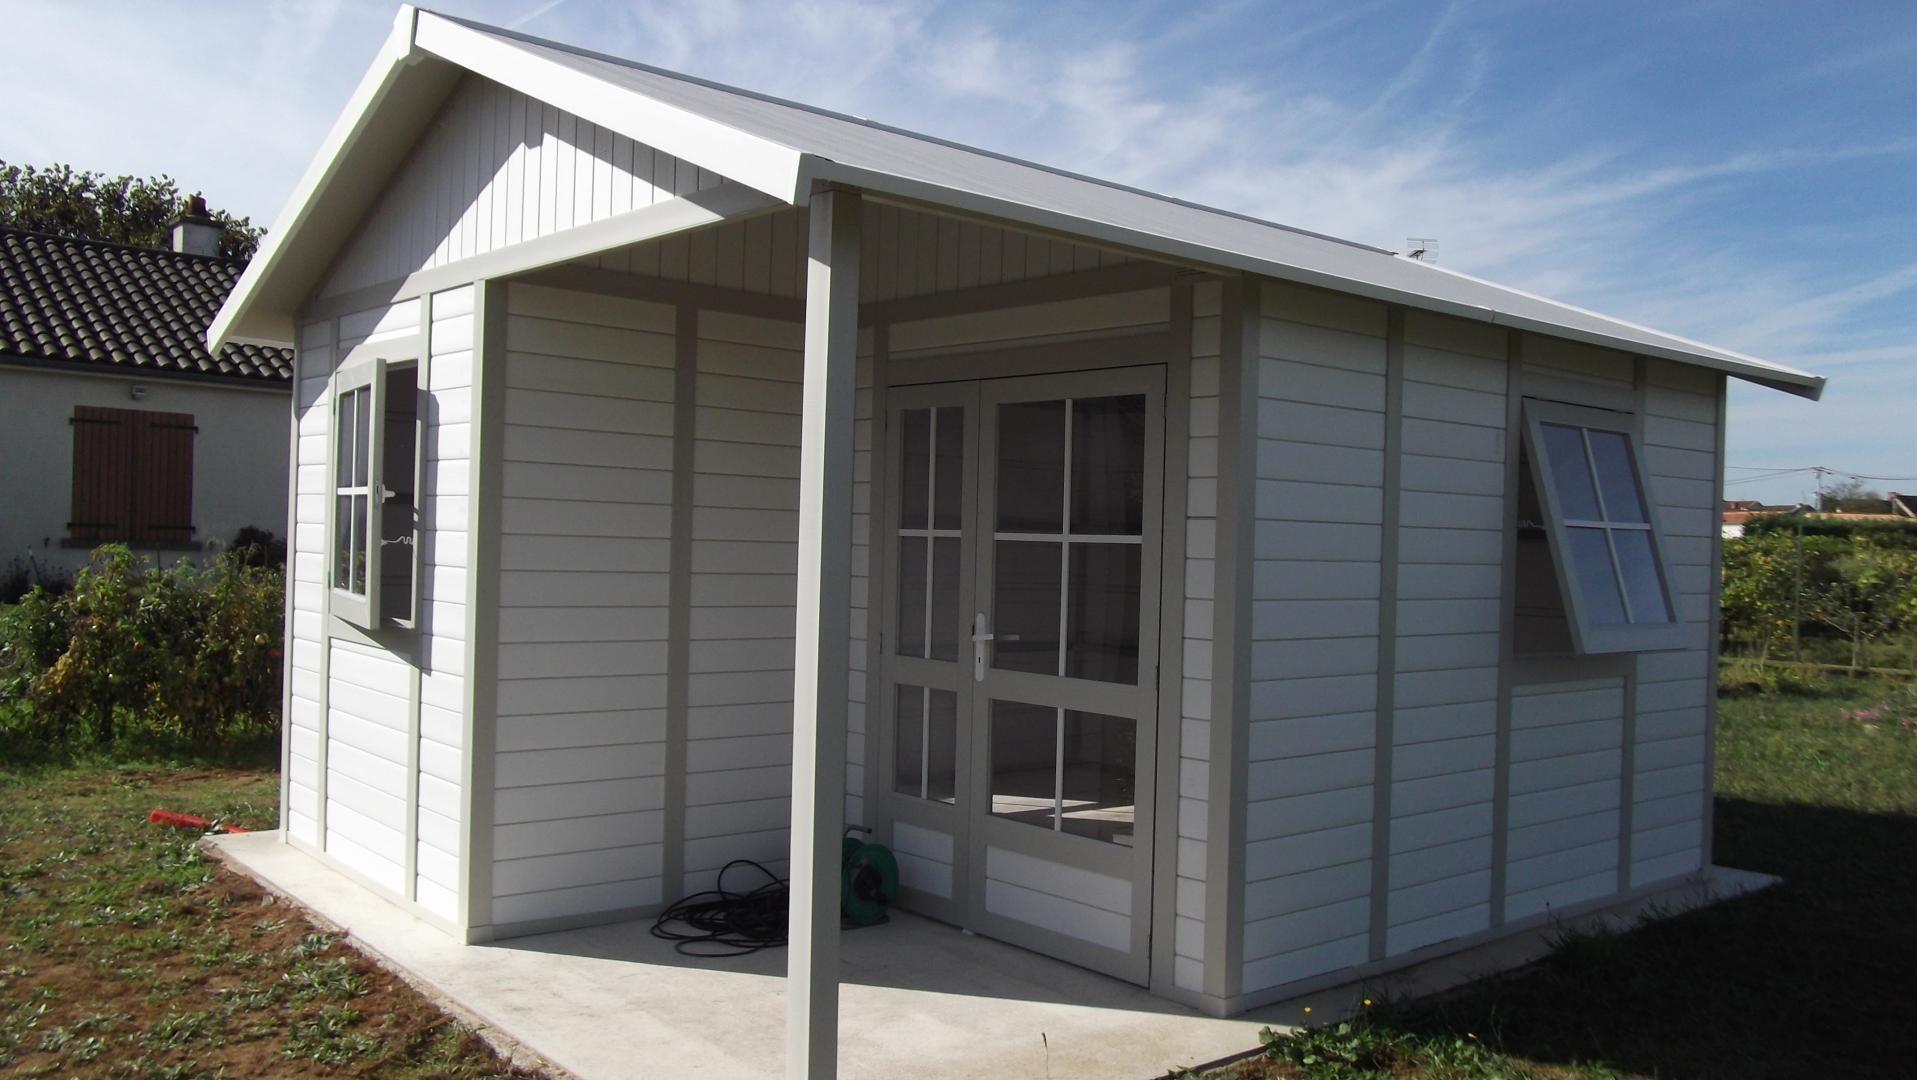 Abri De Jardin En Pvc 19,87M² Deco 20B Blanc Et Gris Vert ... avec Abri Jardin Grosfillex